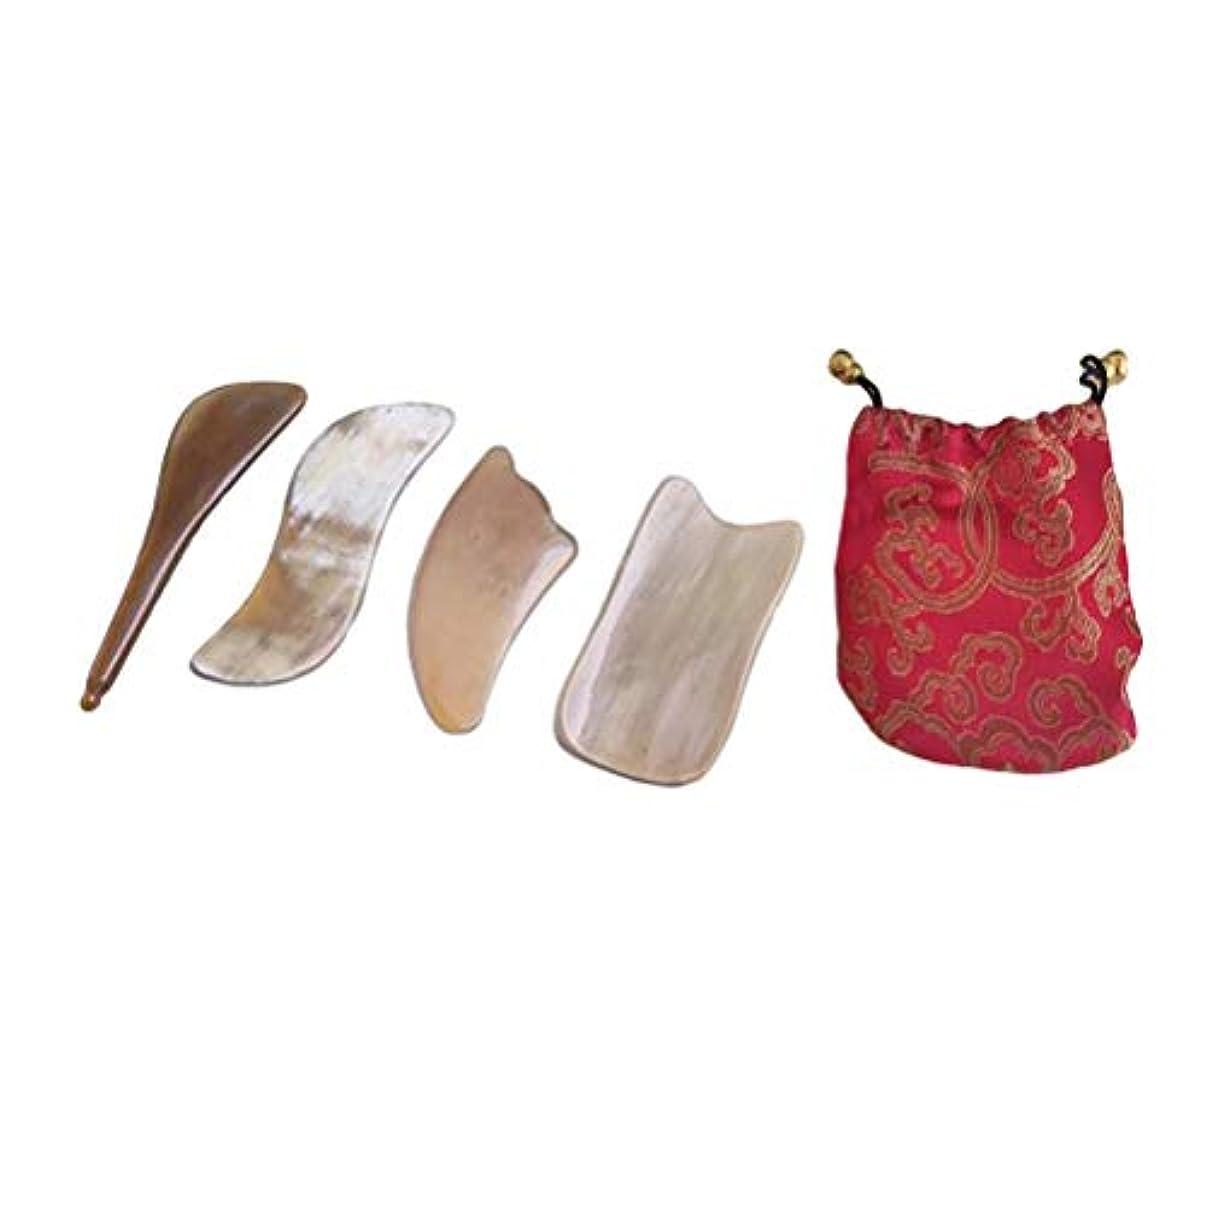 色火山寛容Healifty スクラップボードナチュラルオックスホーンフェイシャルスクラップデバイスホーンguashaボード付き巾着袋用スパリラックス瞑想4ピース